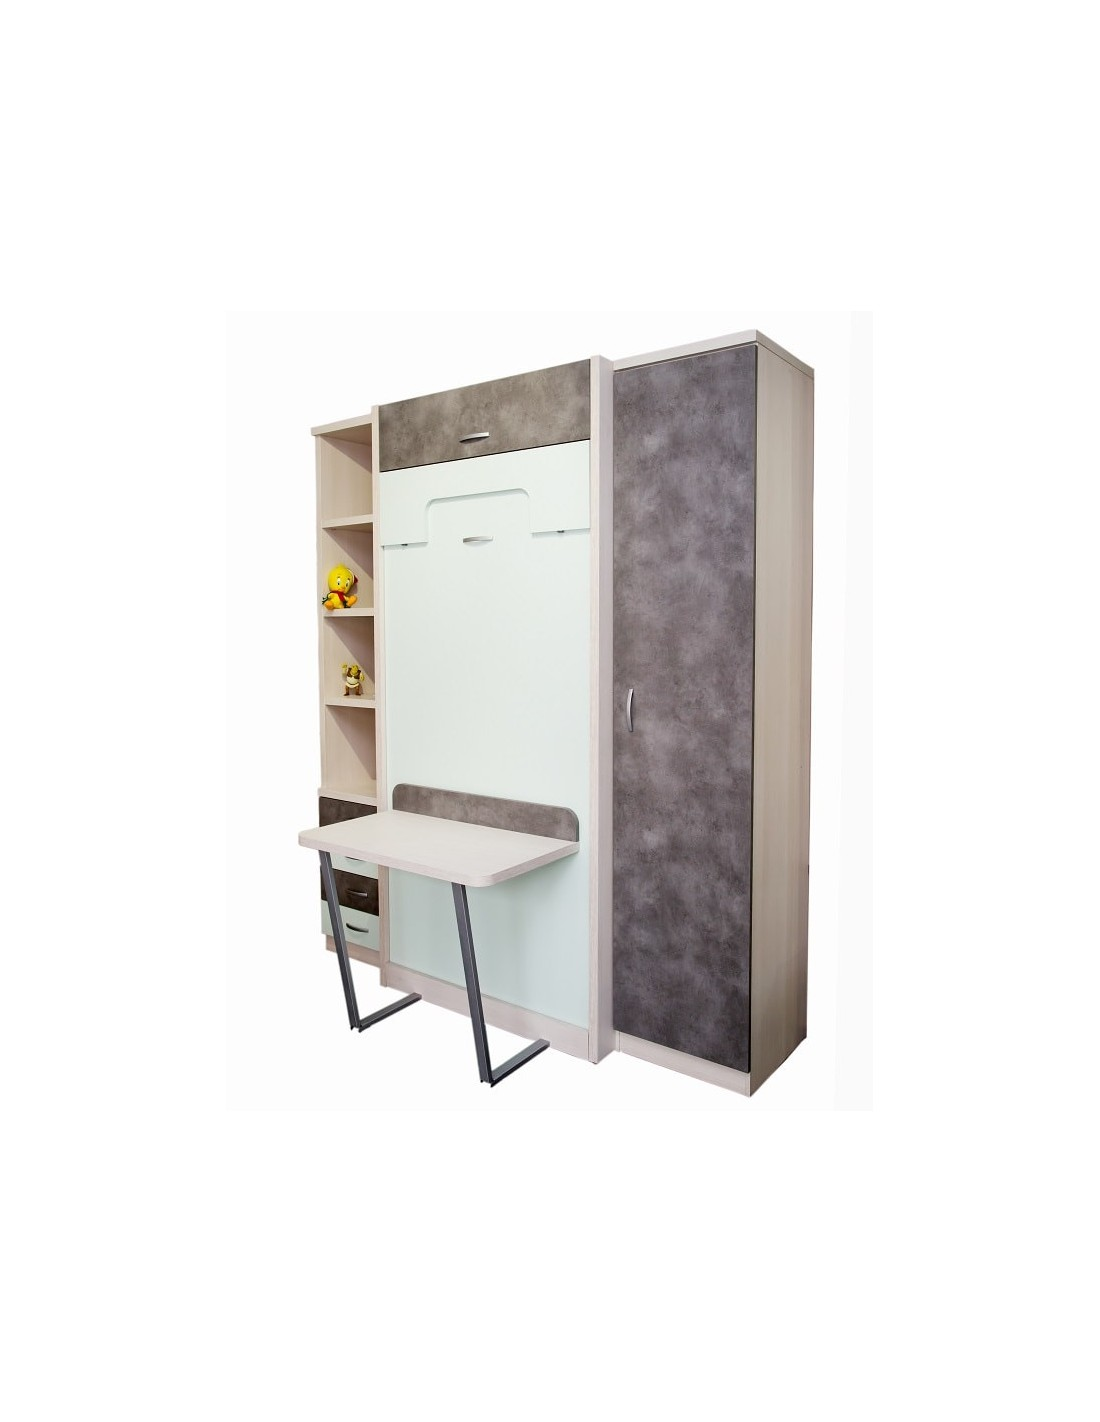 Literas abatibles verticales livemar solutions muebles noel madrid - Literas plegables verticales ...